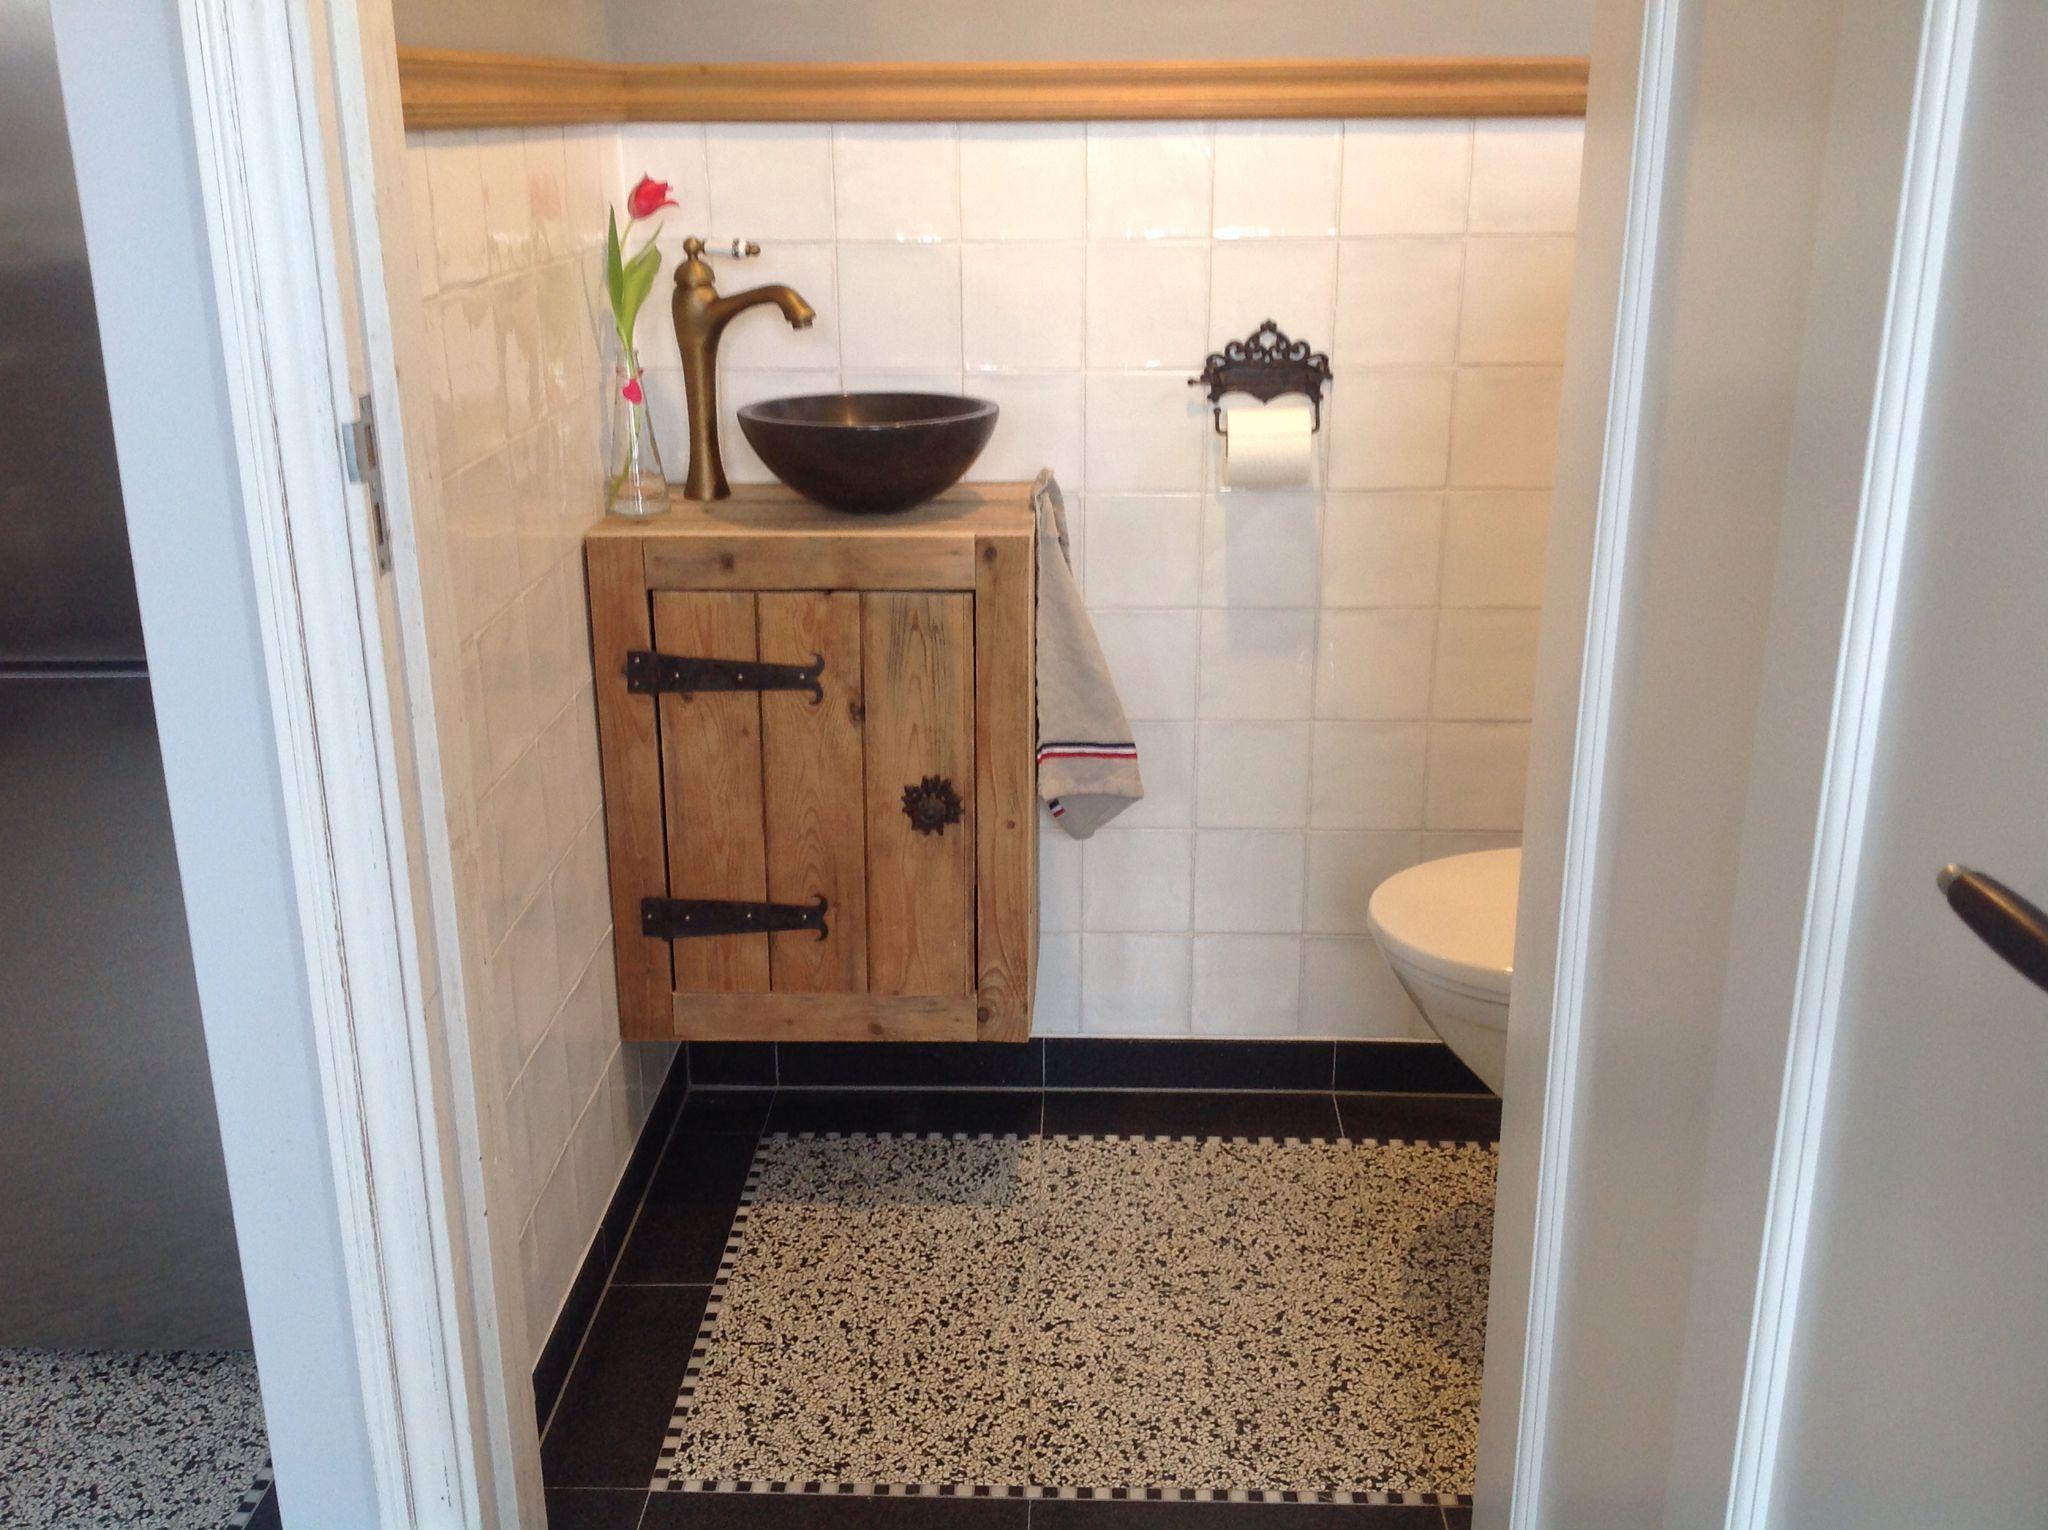 Wc wasbak wasbak naast wc 182913 gt wibma ontwerp inspiratie